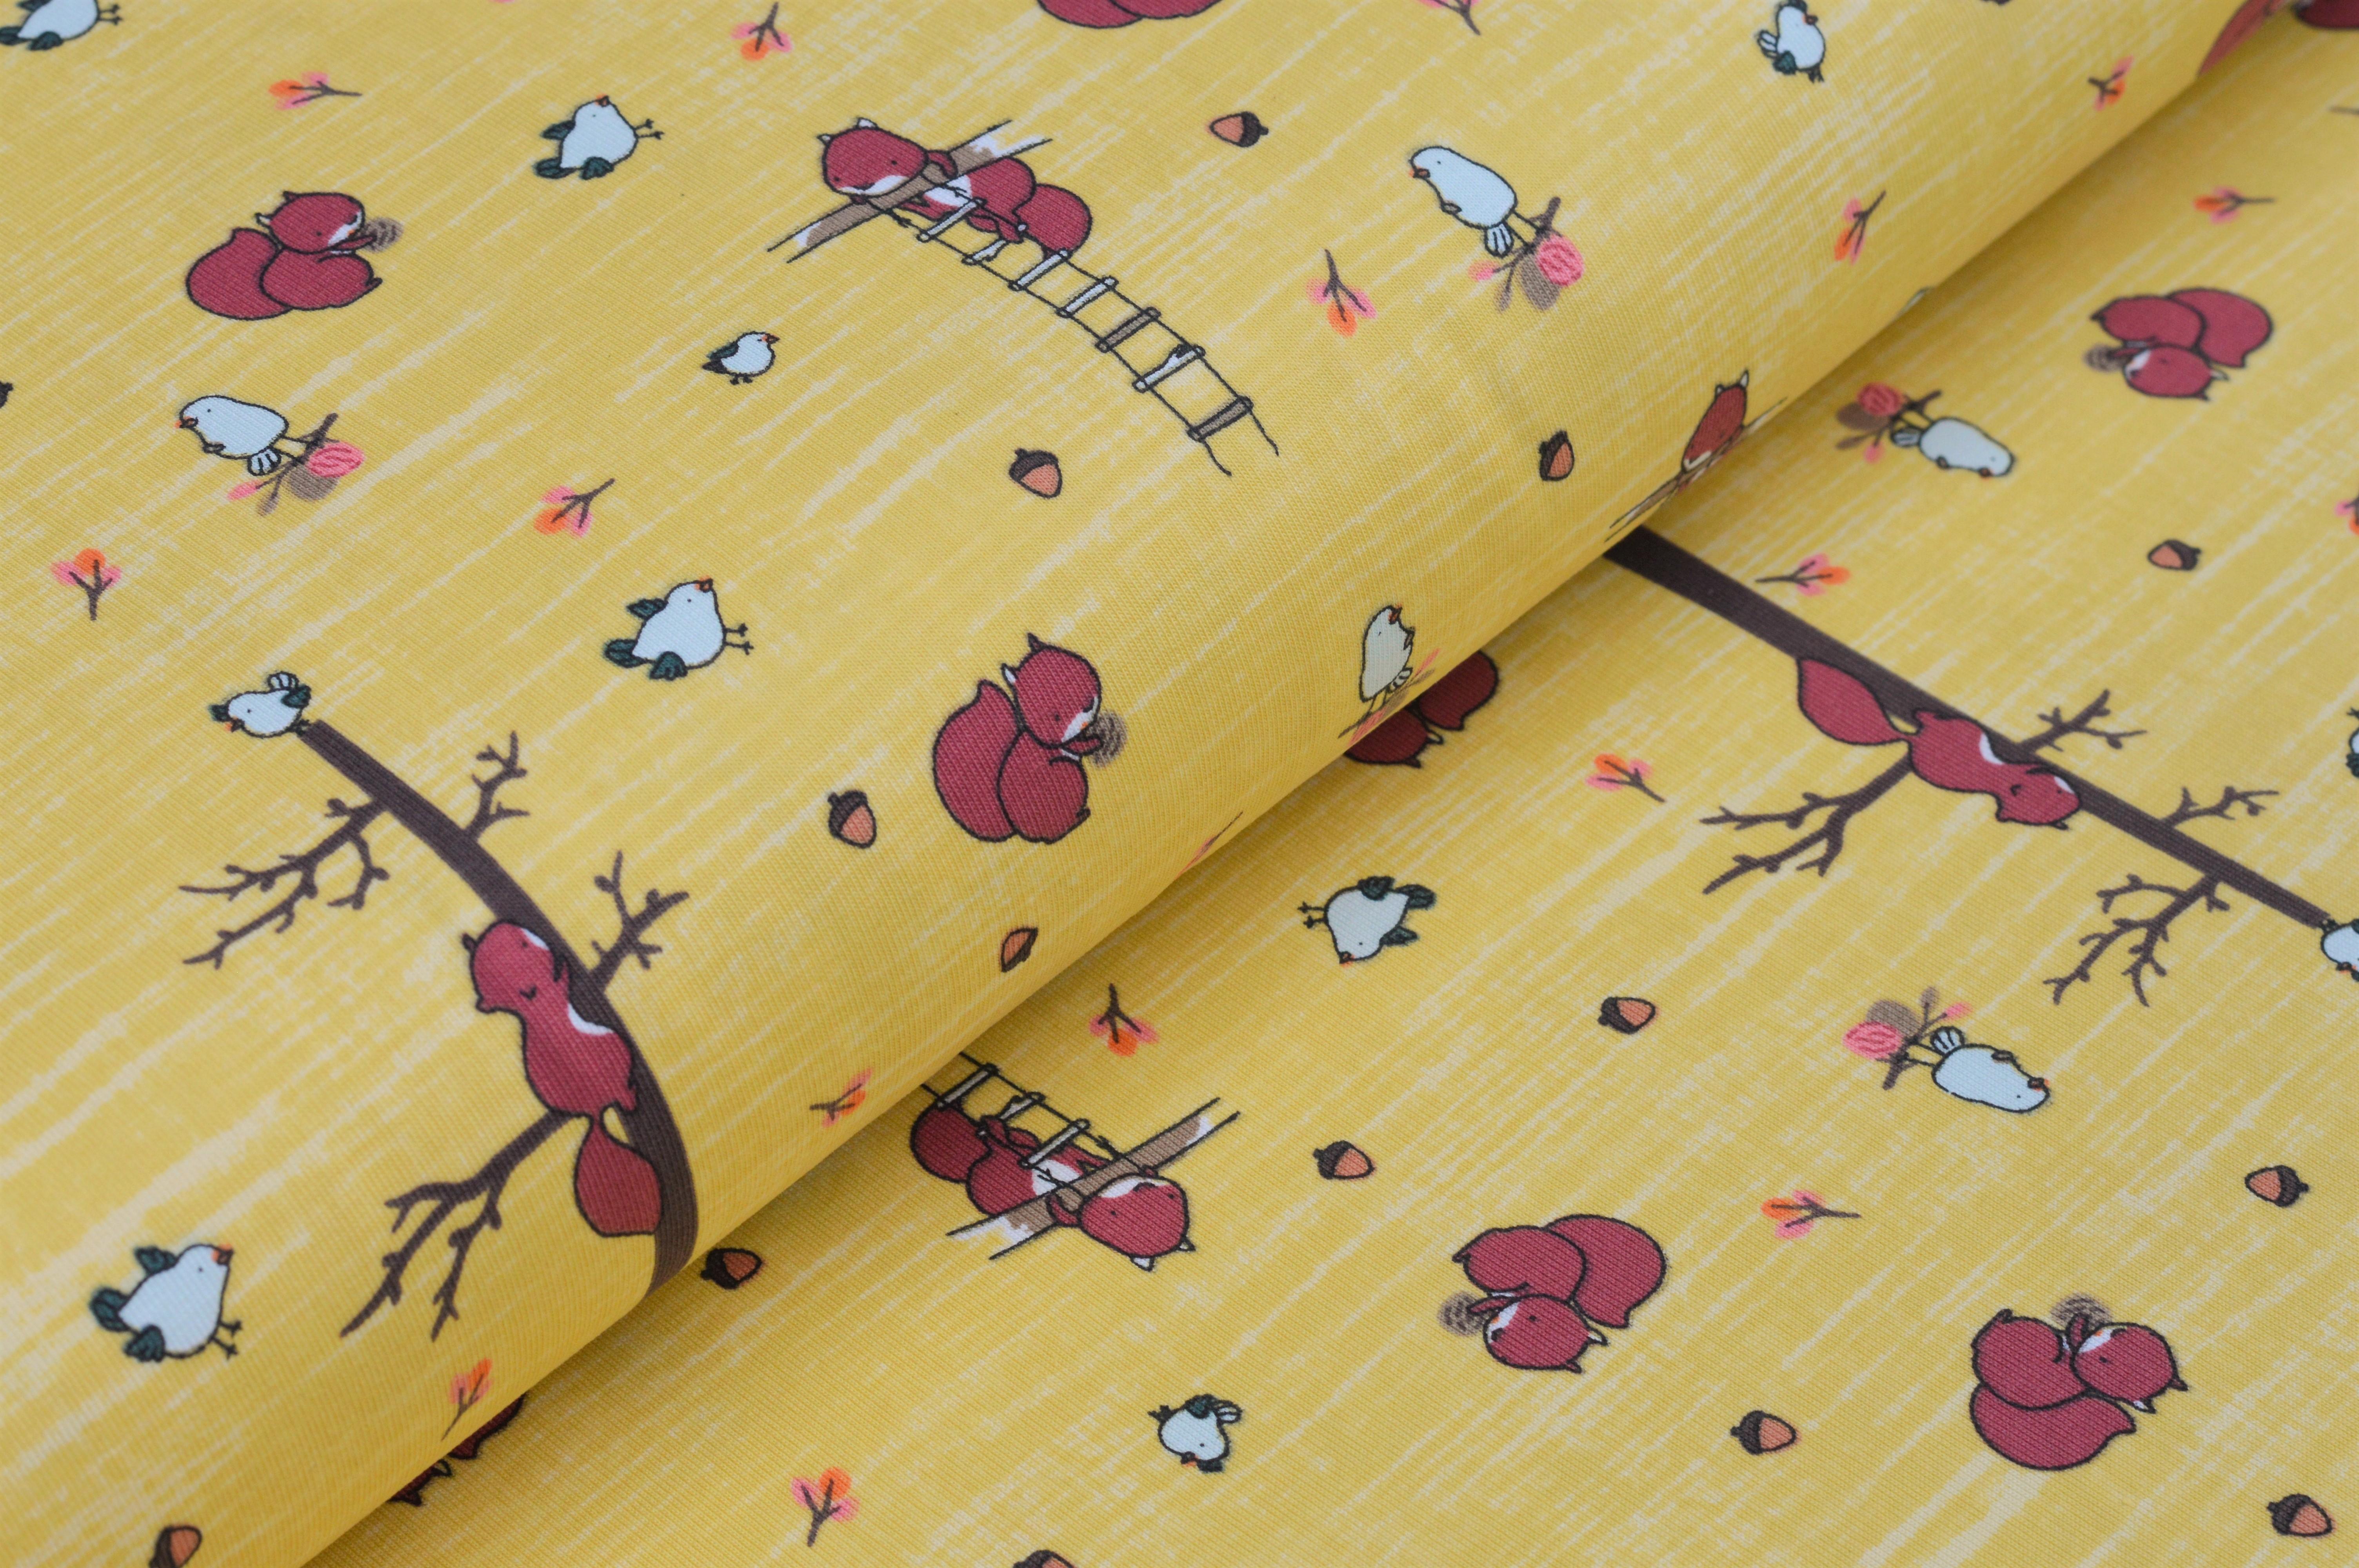 Baumwolljersey gelb mit Eichhörnchen und Vögel